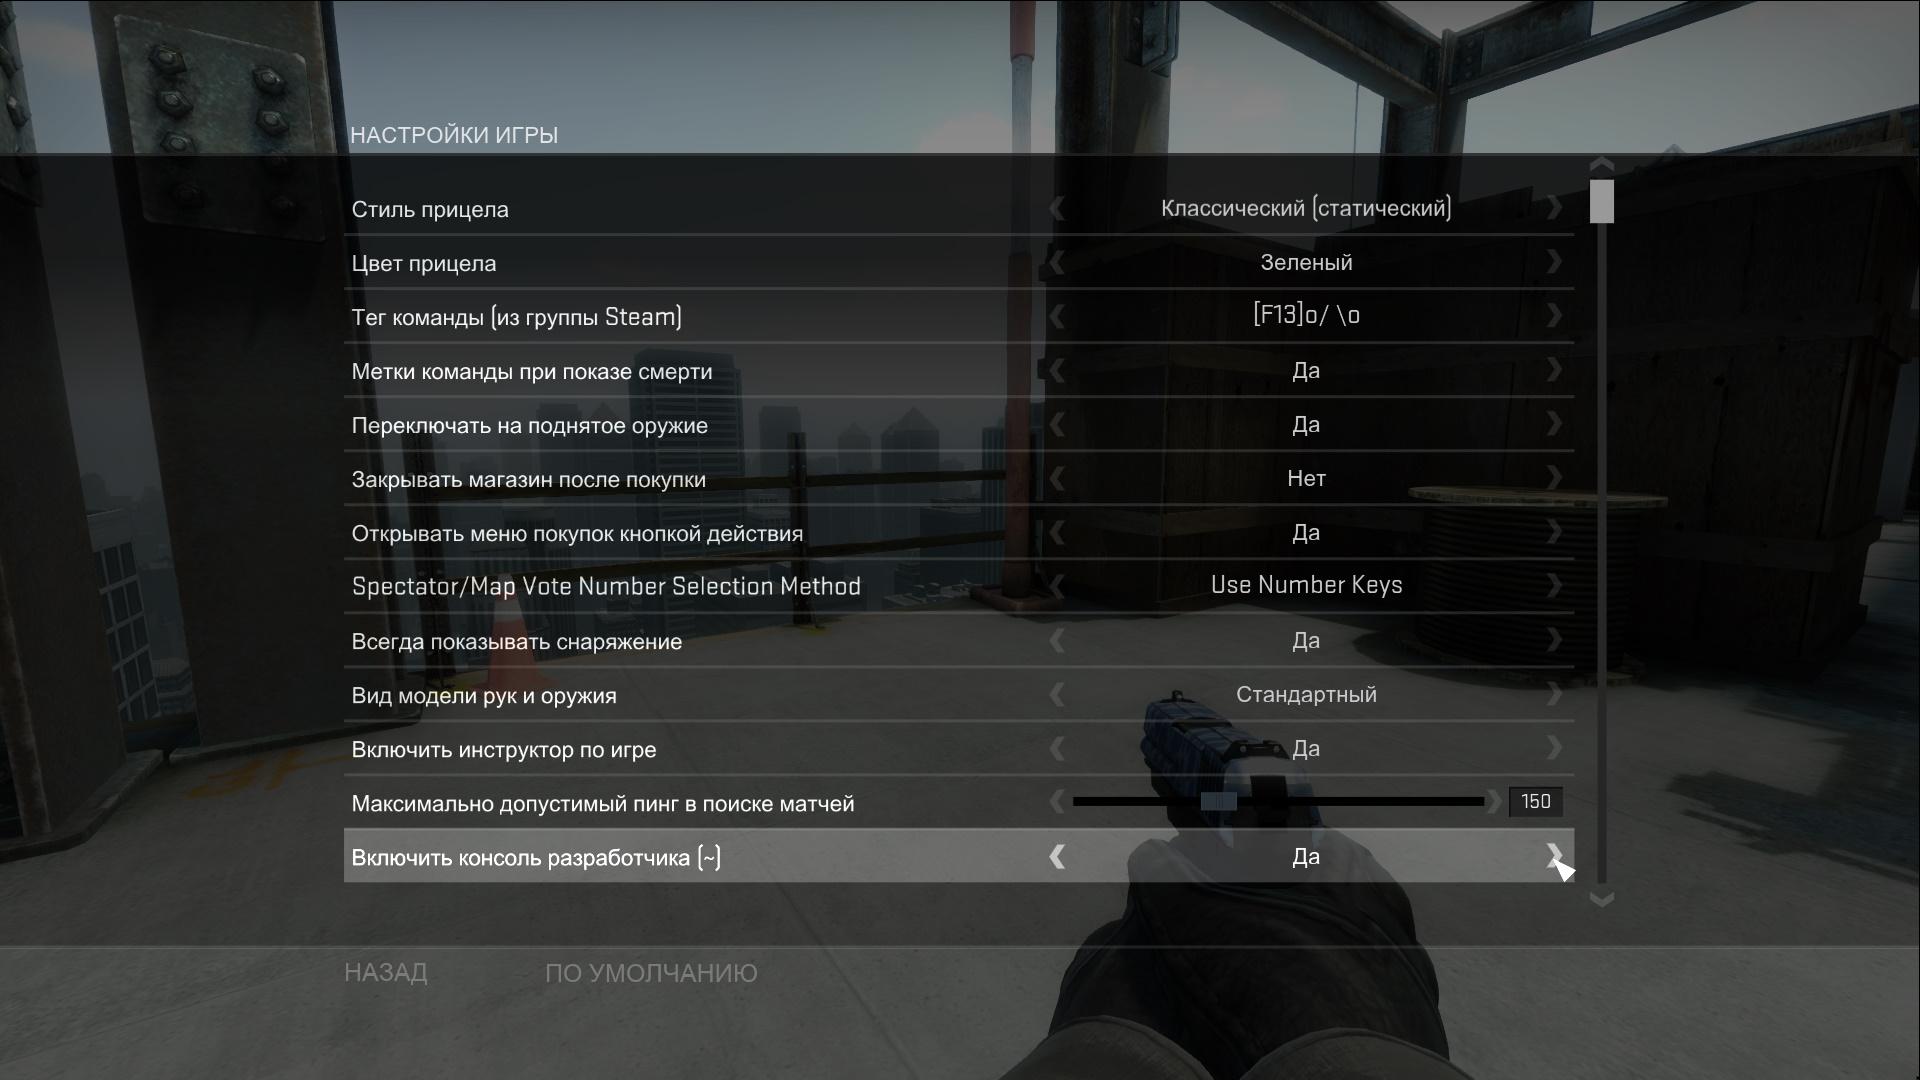 Настройки для маленького прицела в cs:go - Steam Community 89